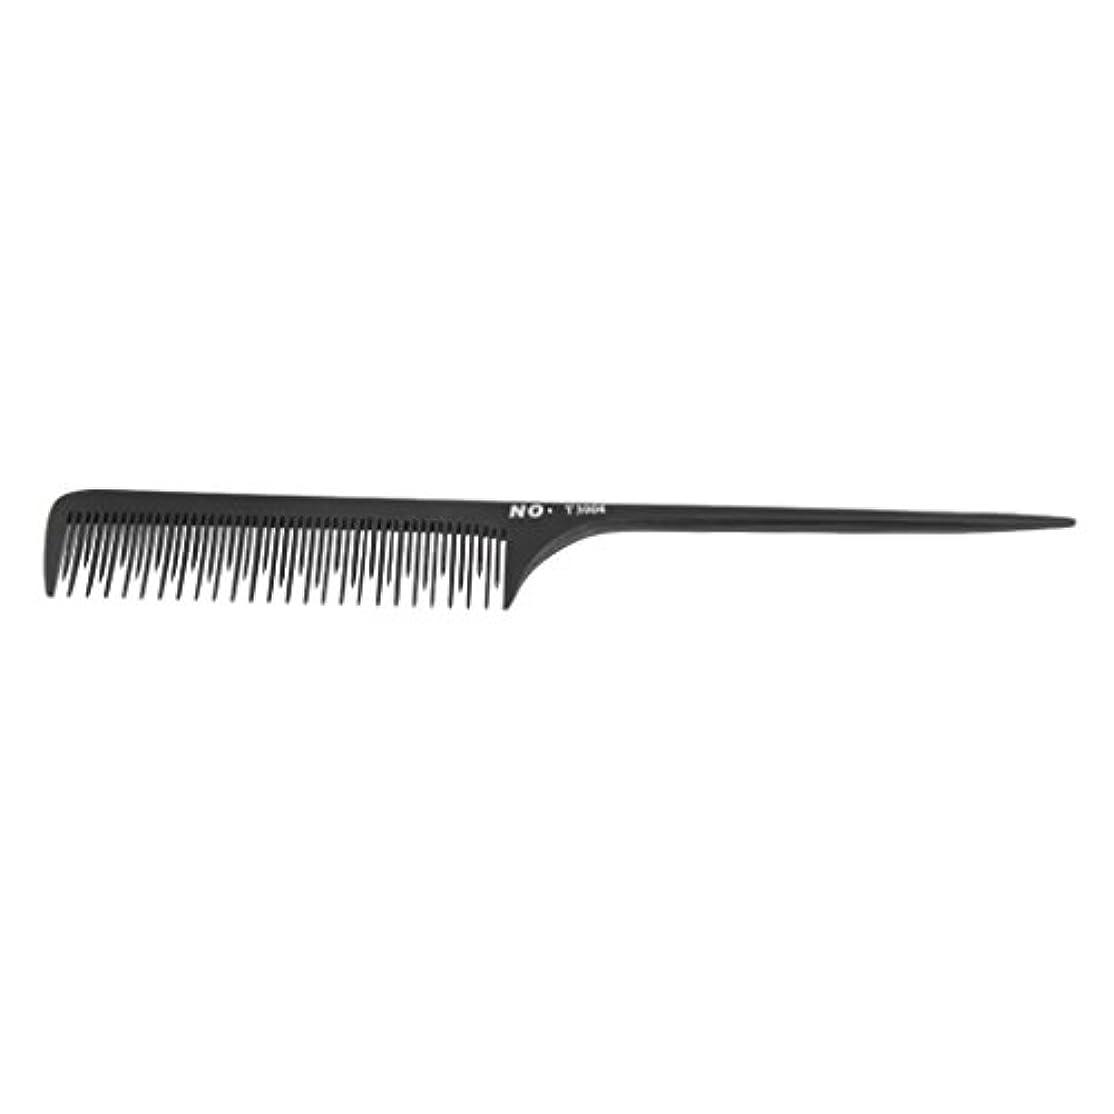 フィッティング名前で栄養Homyl サロン 理髪師 ヘアスタイリング 櫛 テールコーム ヘアコーム ヘアブラシ プロ 2タイプ選べ - t3004